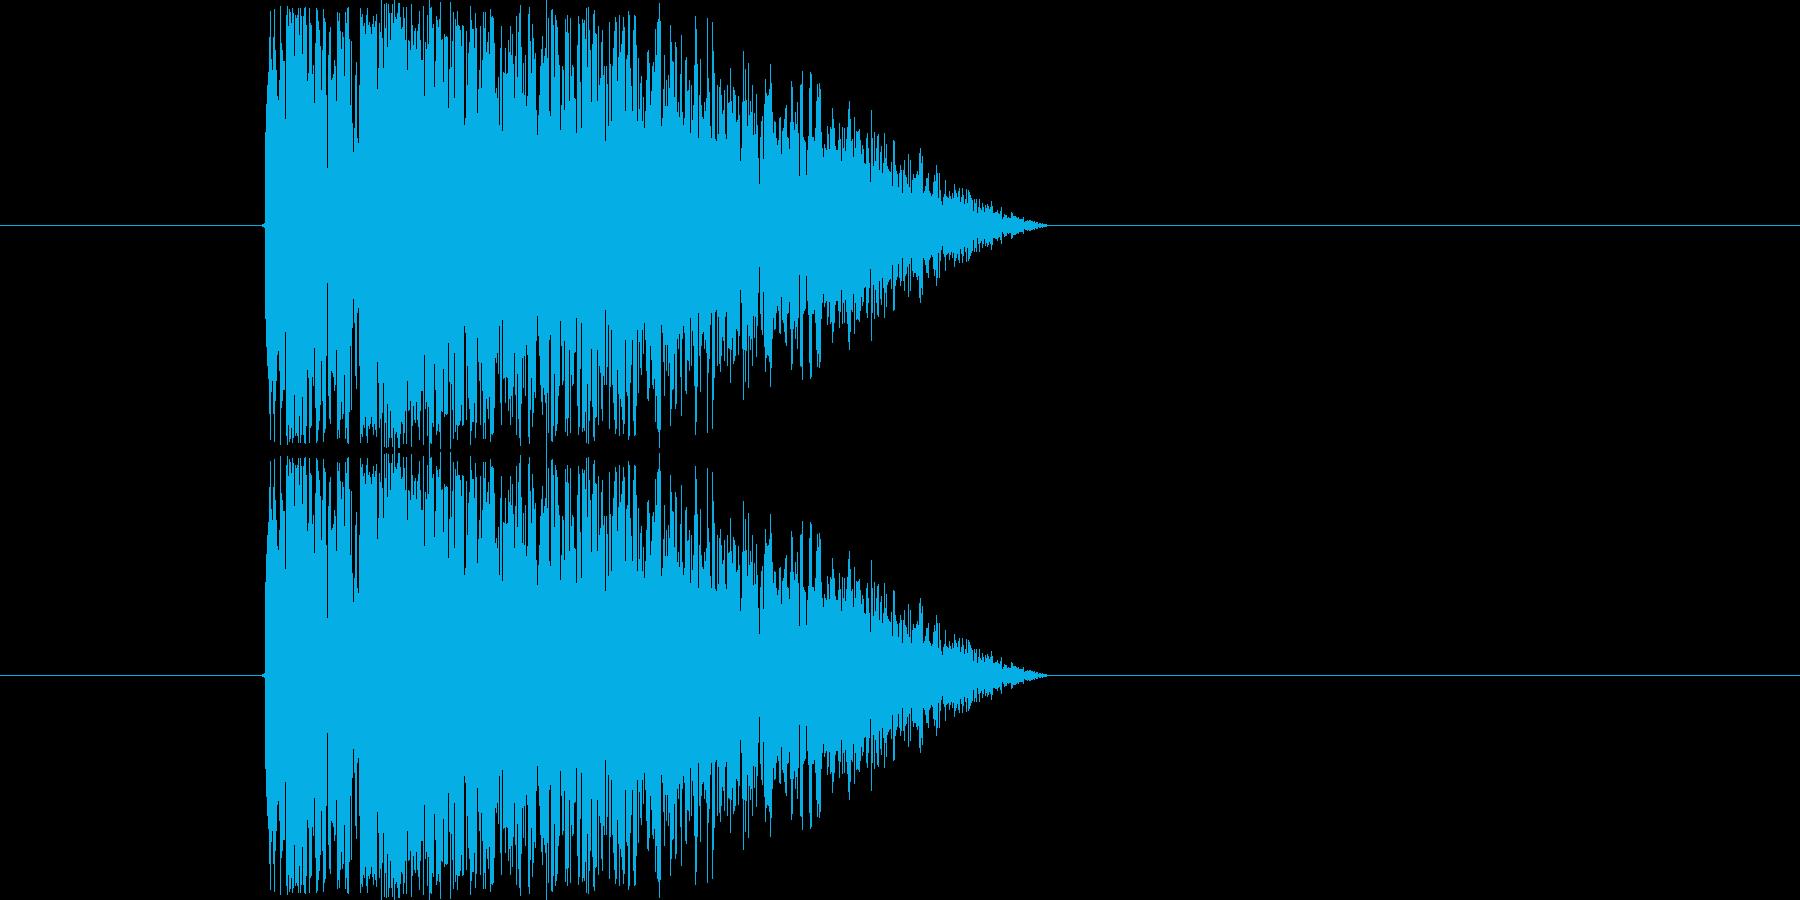 打撃攻撃音の再生済みの波形